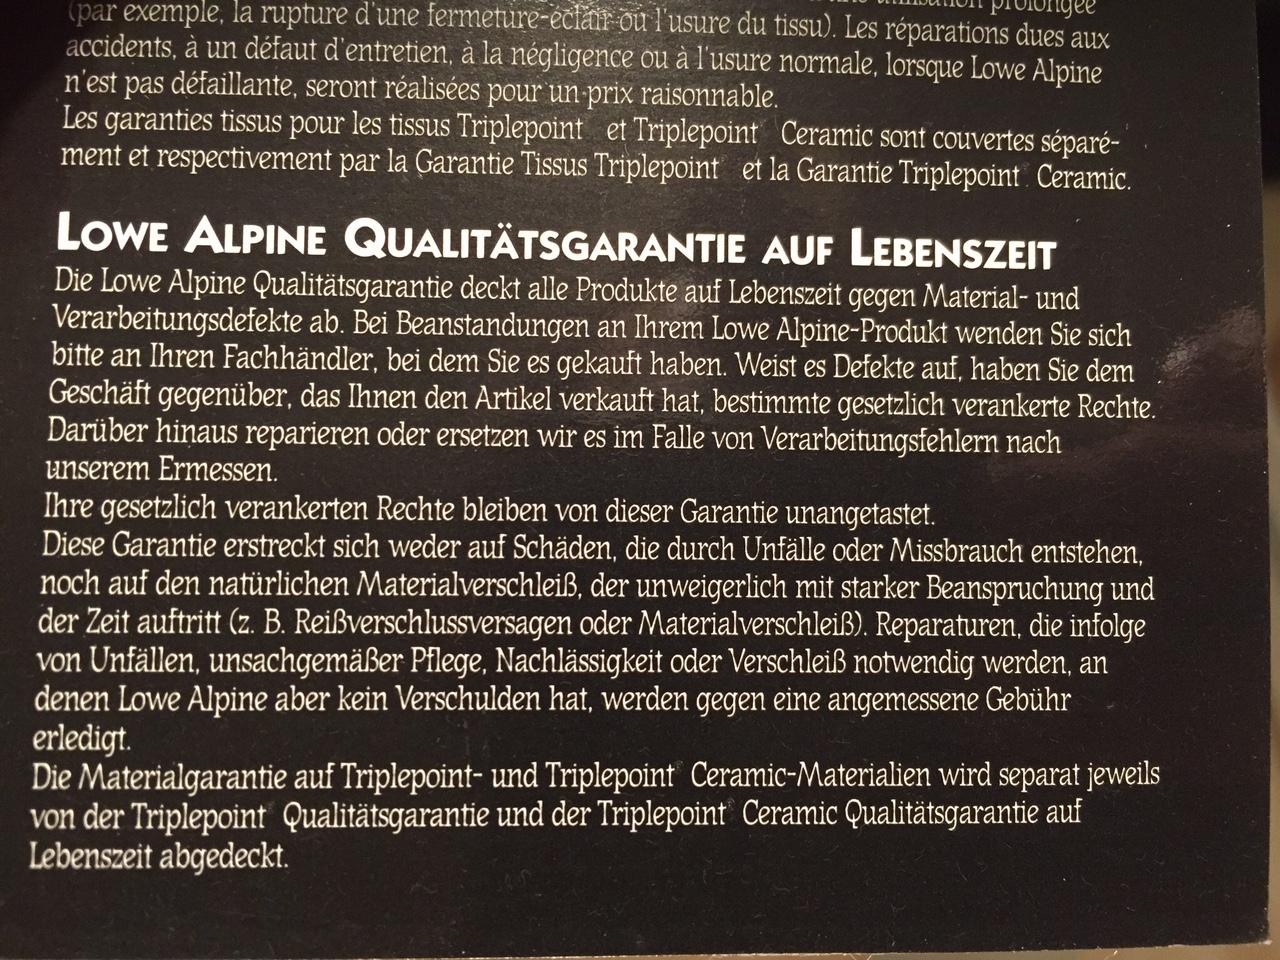 Lowe Alpine Qualitätsgarantie Auf Lebenszeit – Der Zornige verwandt mit Eastpak Rucksack Lebenslange Garantie